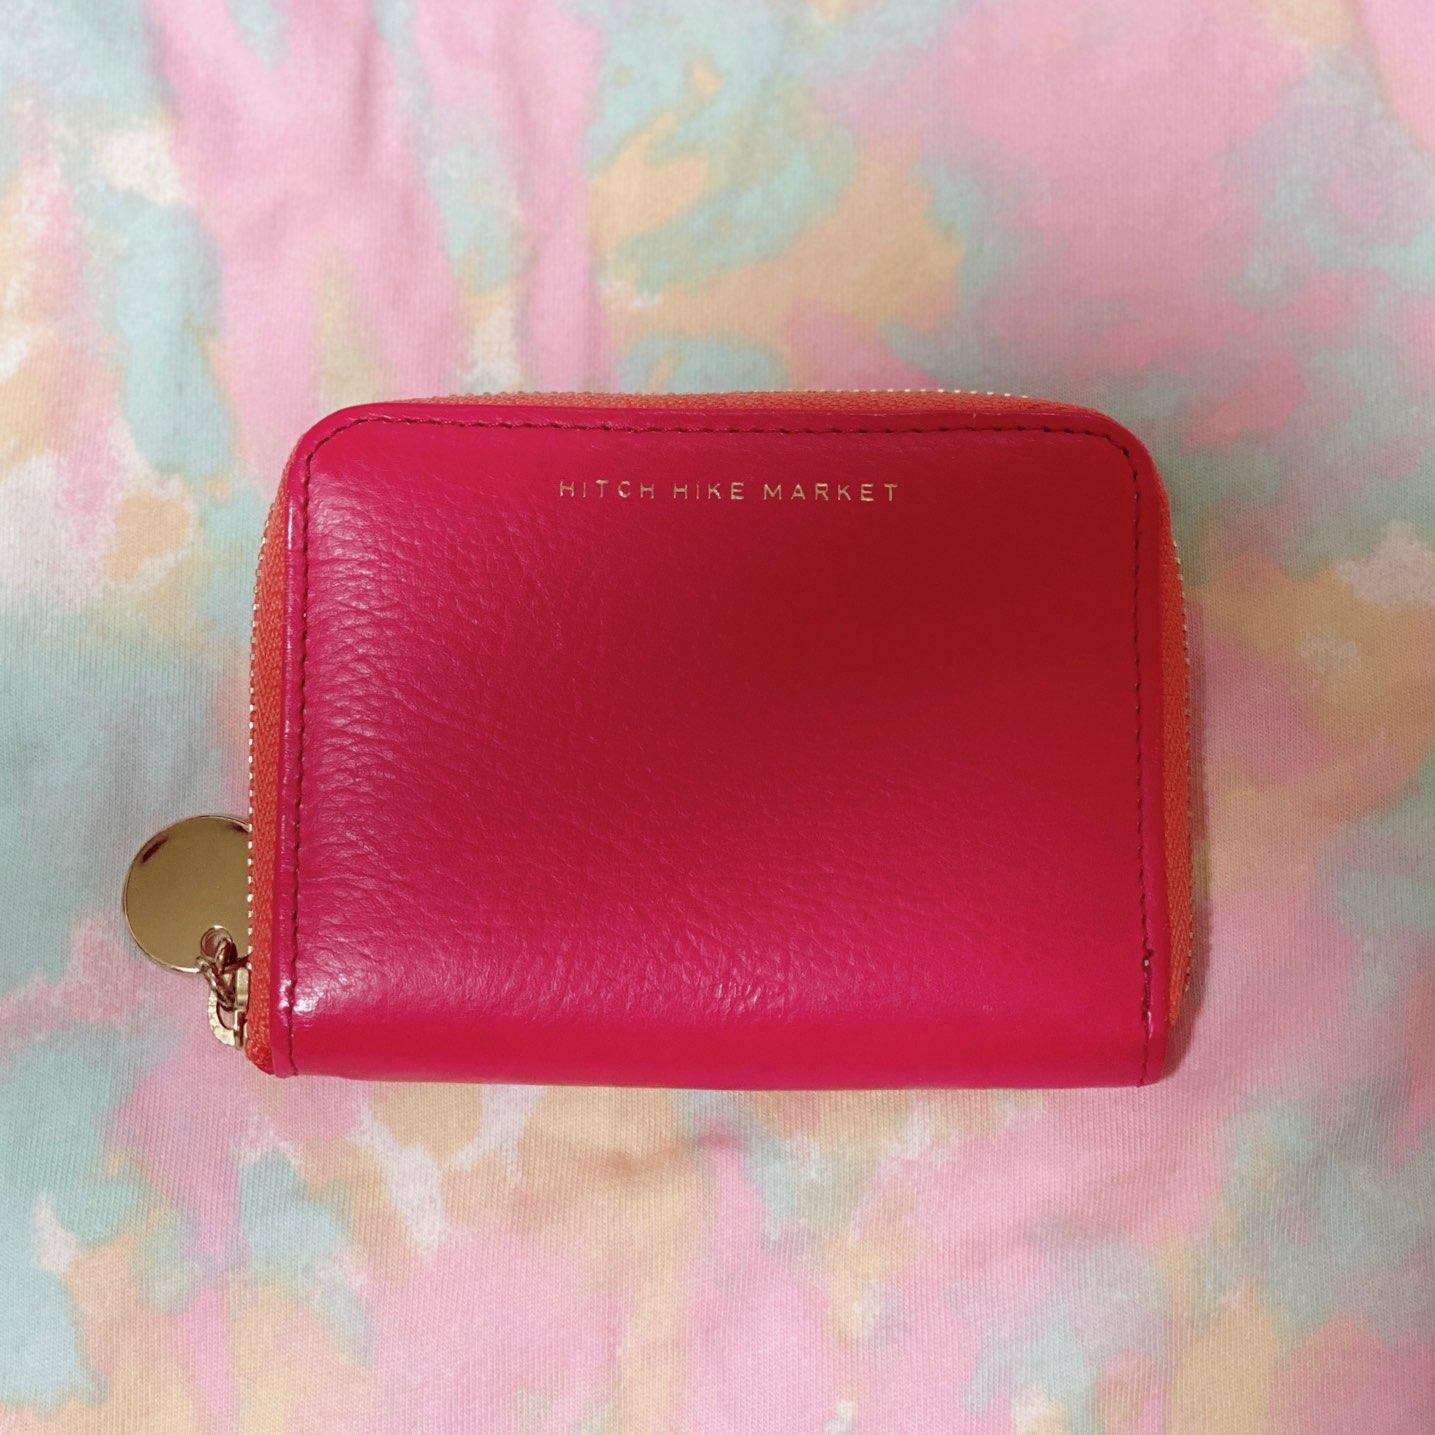 【20代女子の愛用財布】私の愛用お財布は『COACH』の長財布♡_2